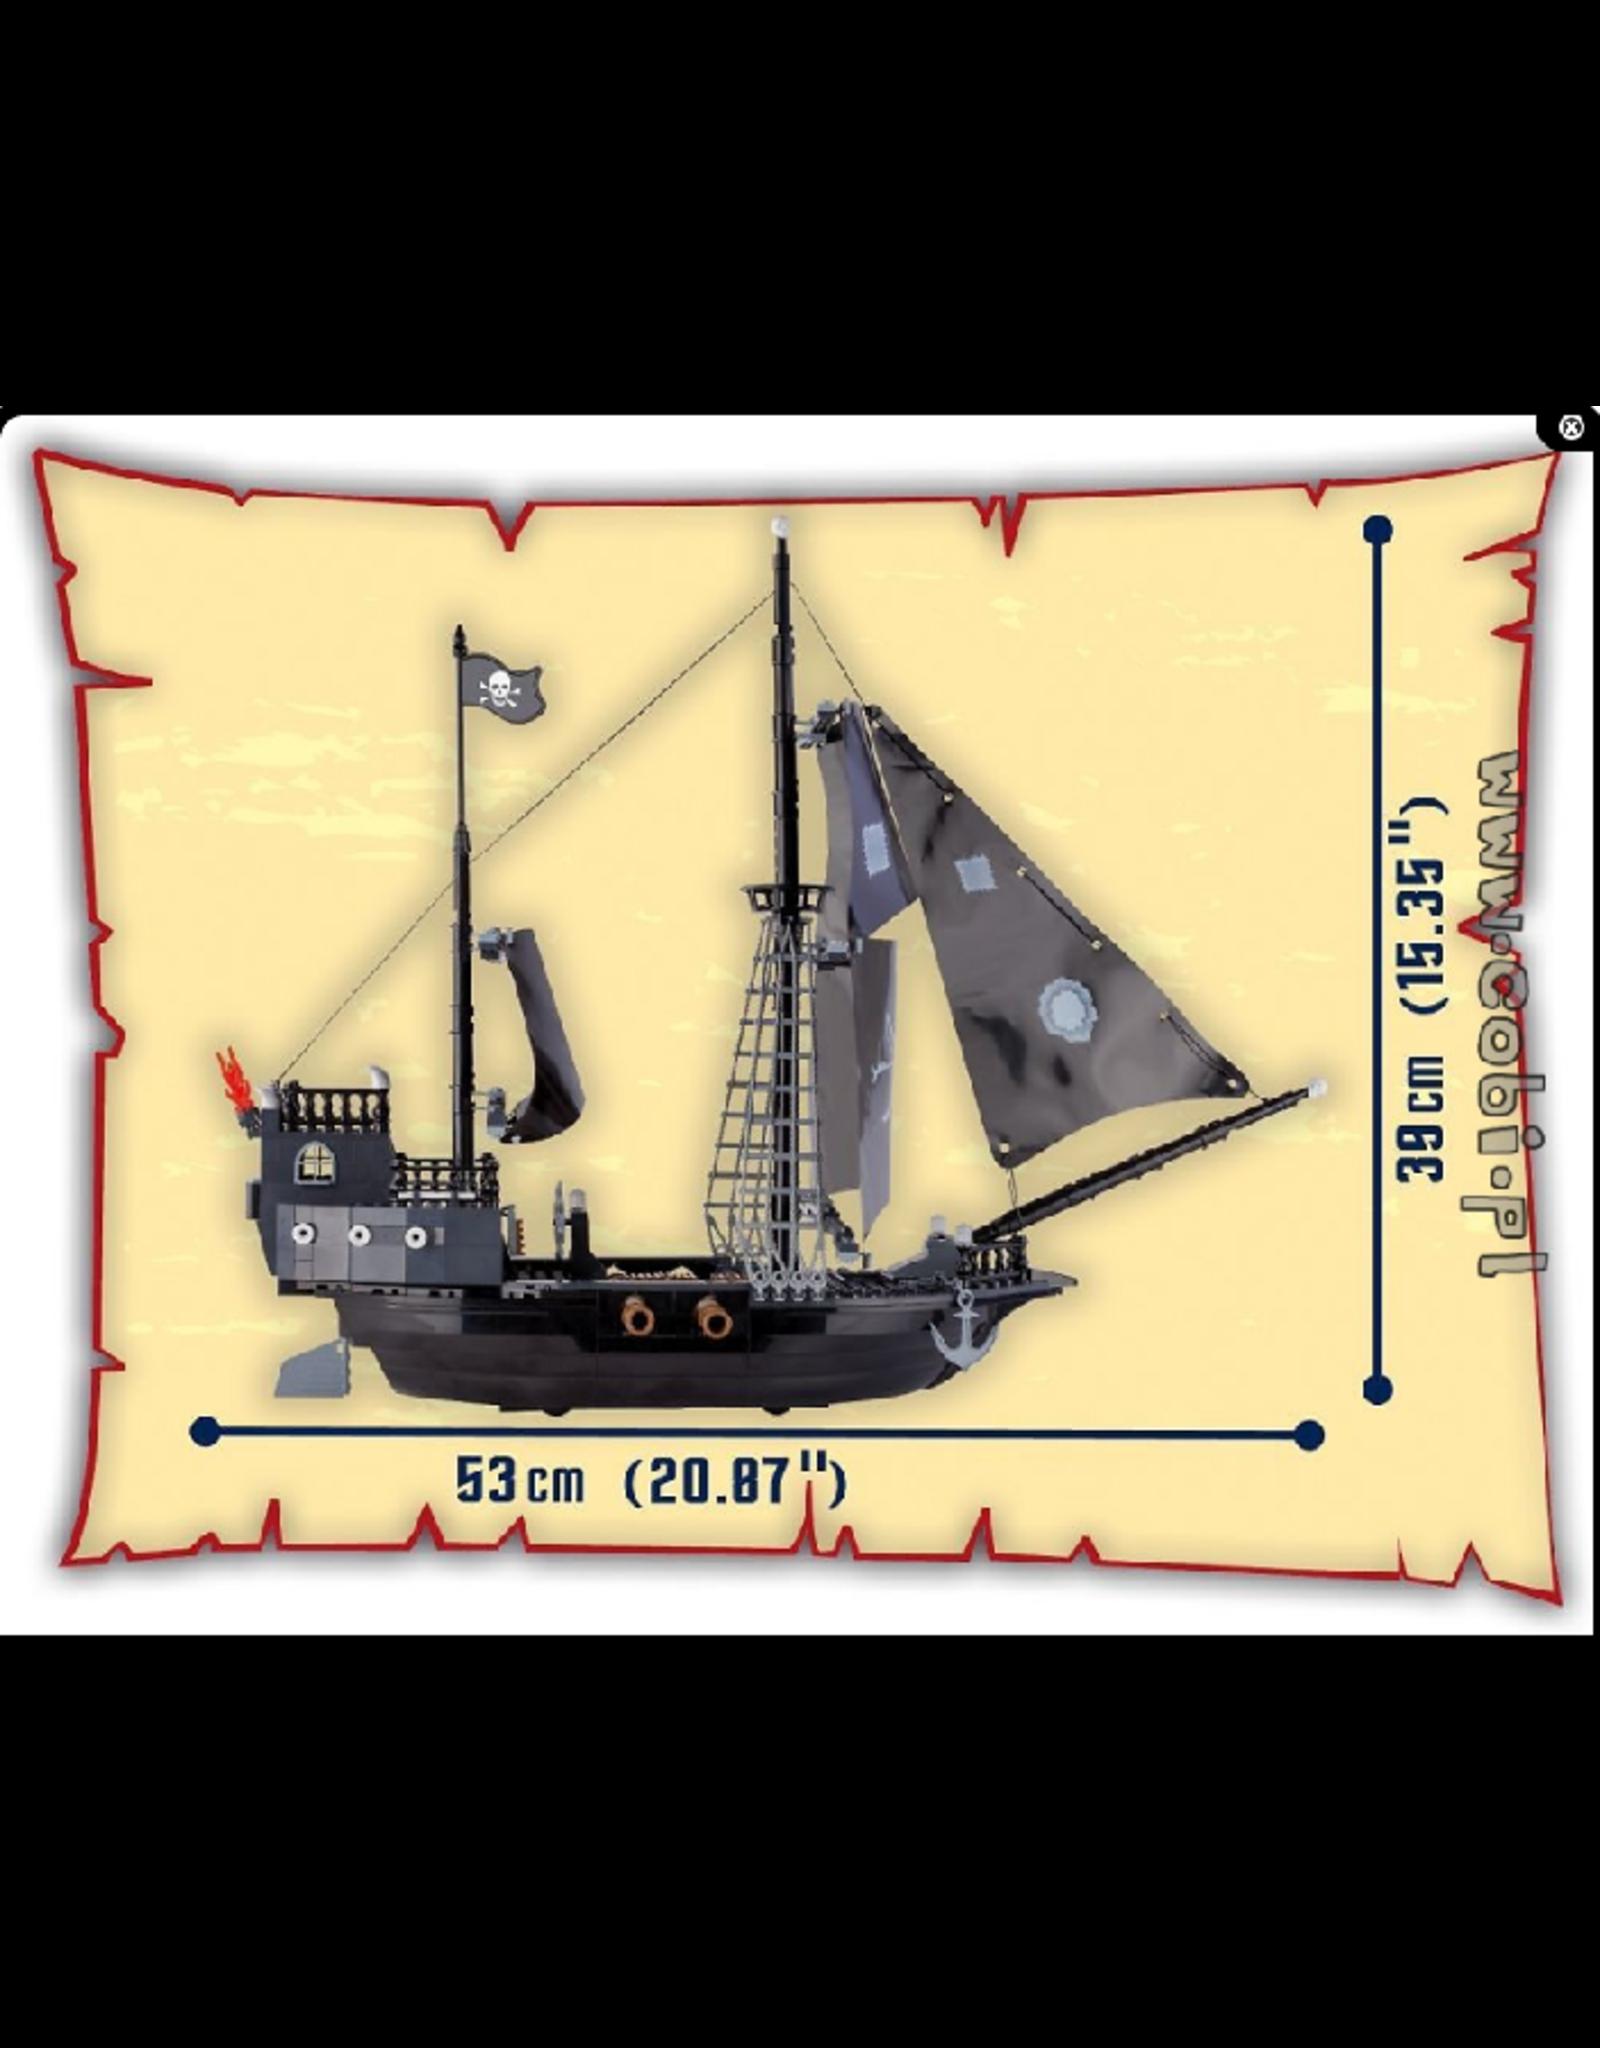 COBI Cobi Pirates Piratenschiff 6016